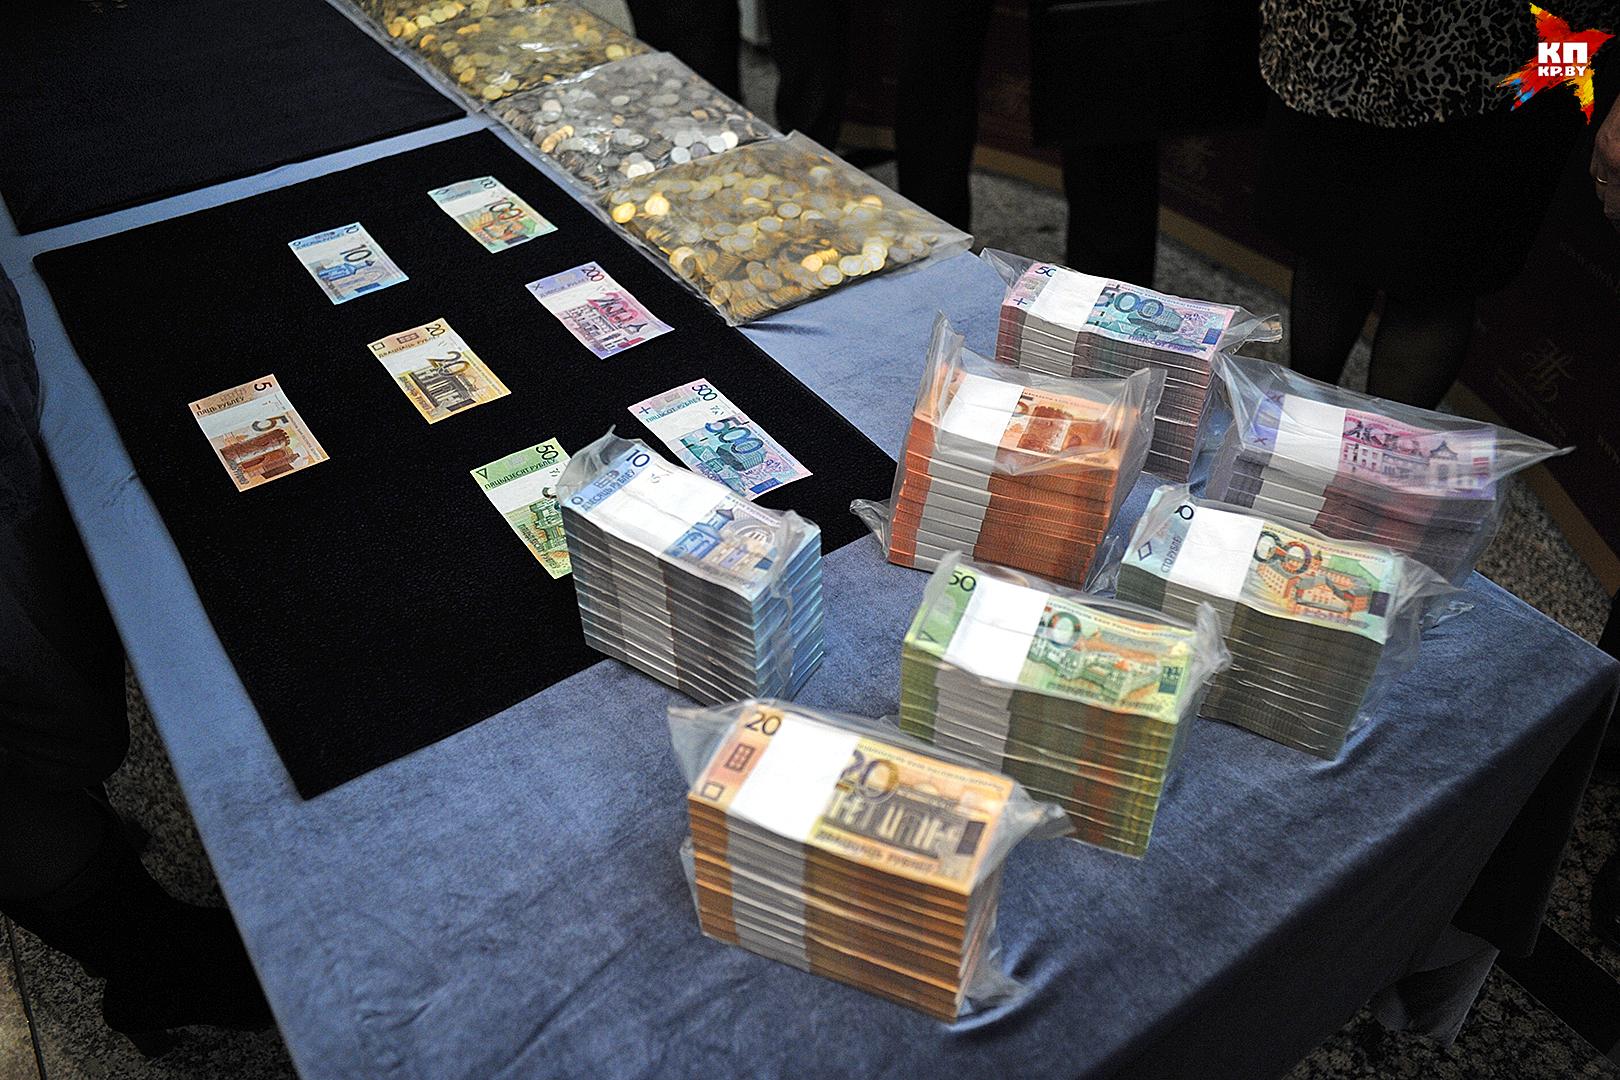 Секс проспект мира 1000 рублей 1 час 13 фотография